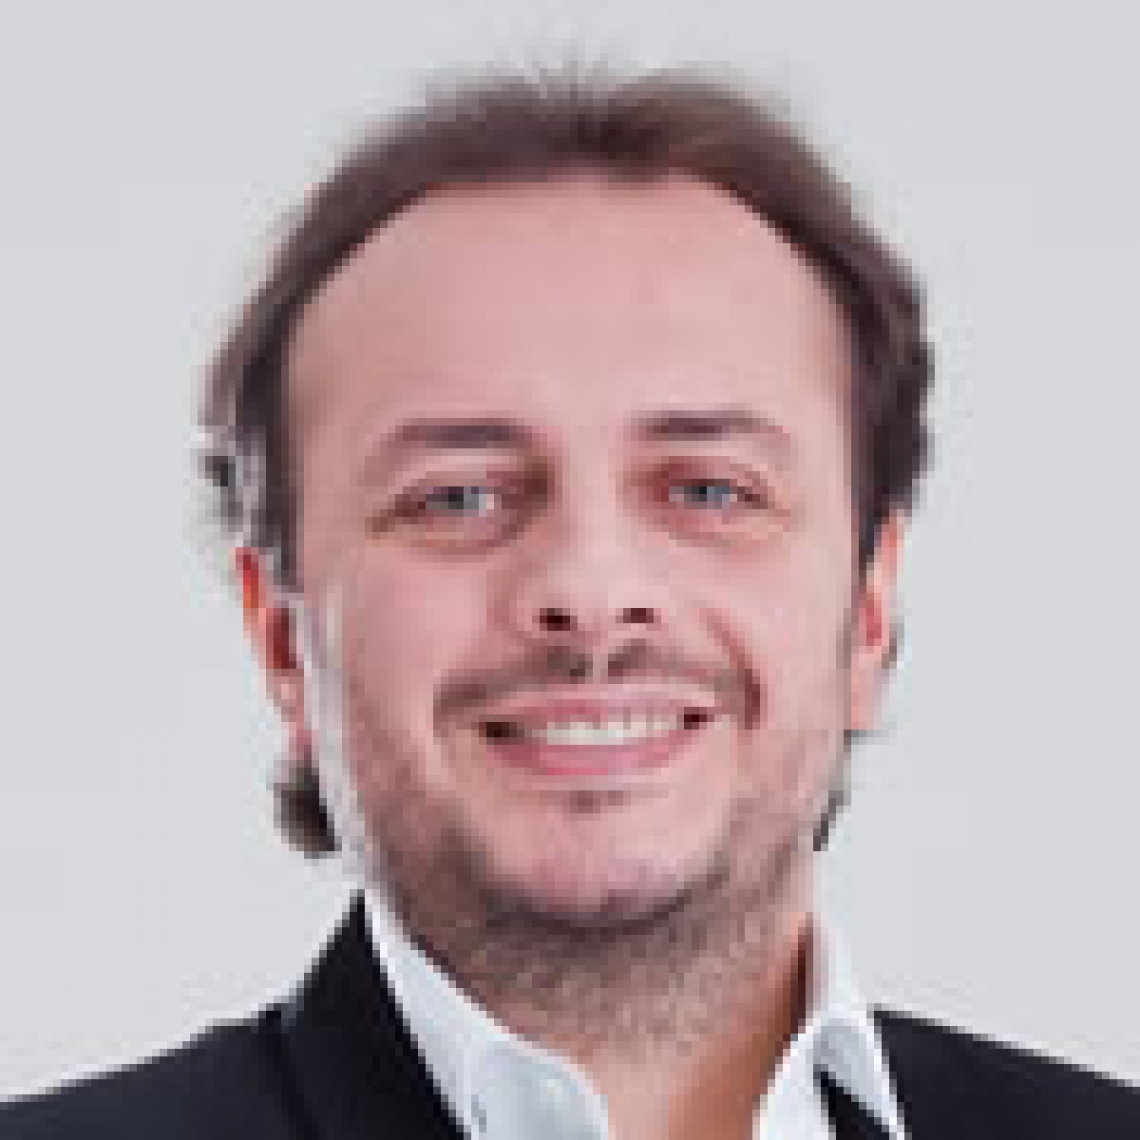 AdrianoNogueira